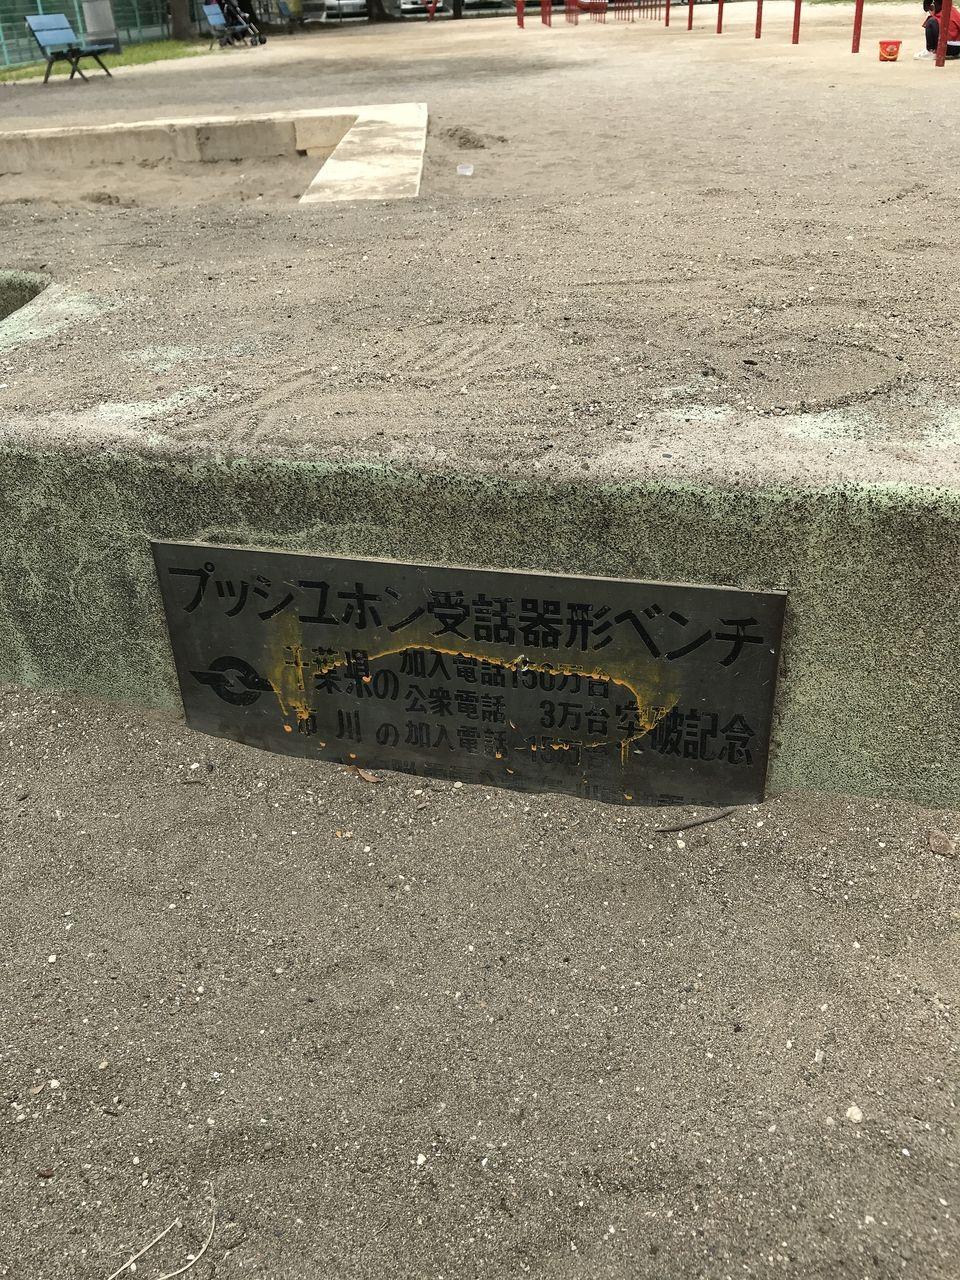 行徳の南沖公園の受話器型ベンチの銘板